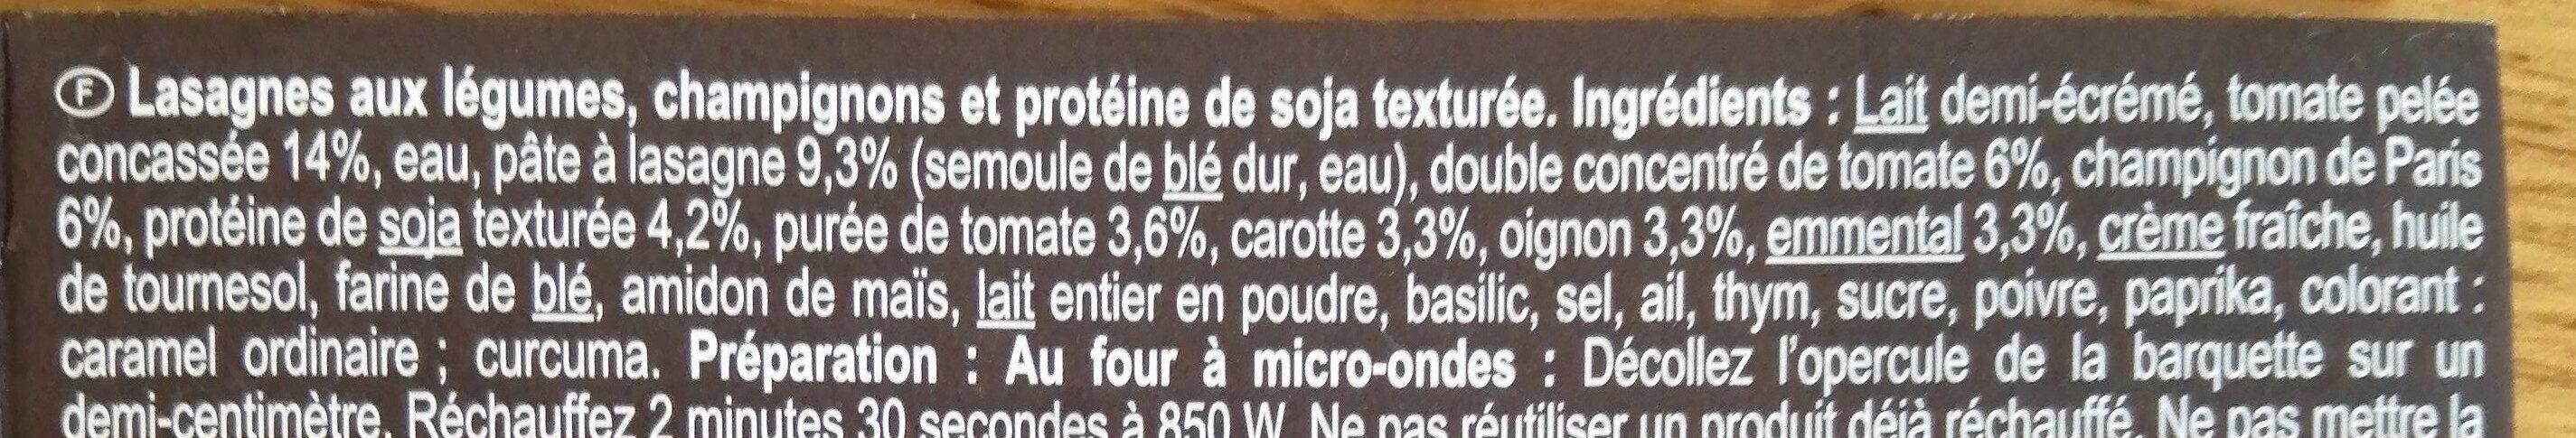 Lasagnes Légumes, soja - Ingrediënten - fr